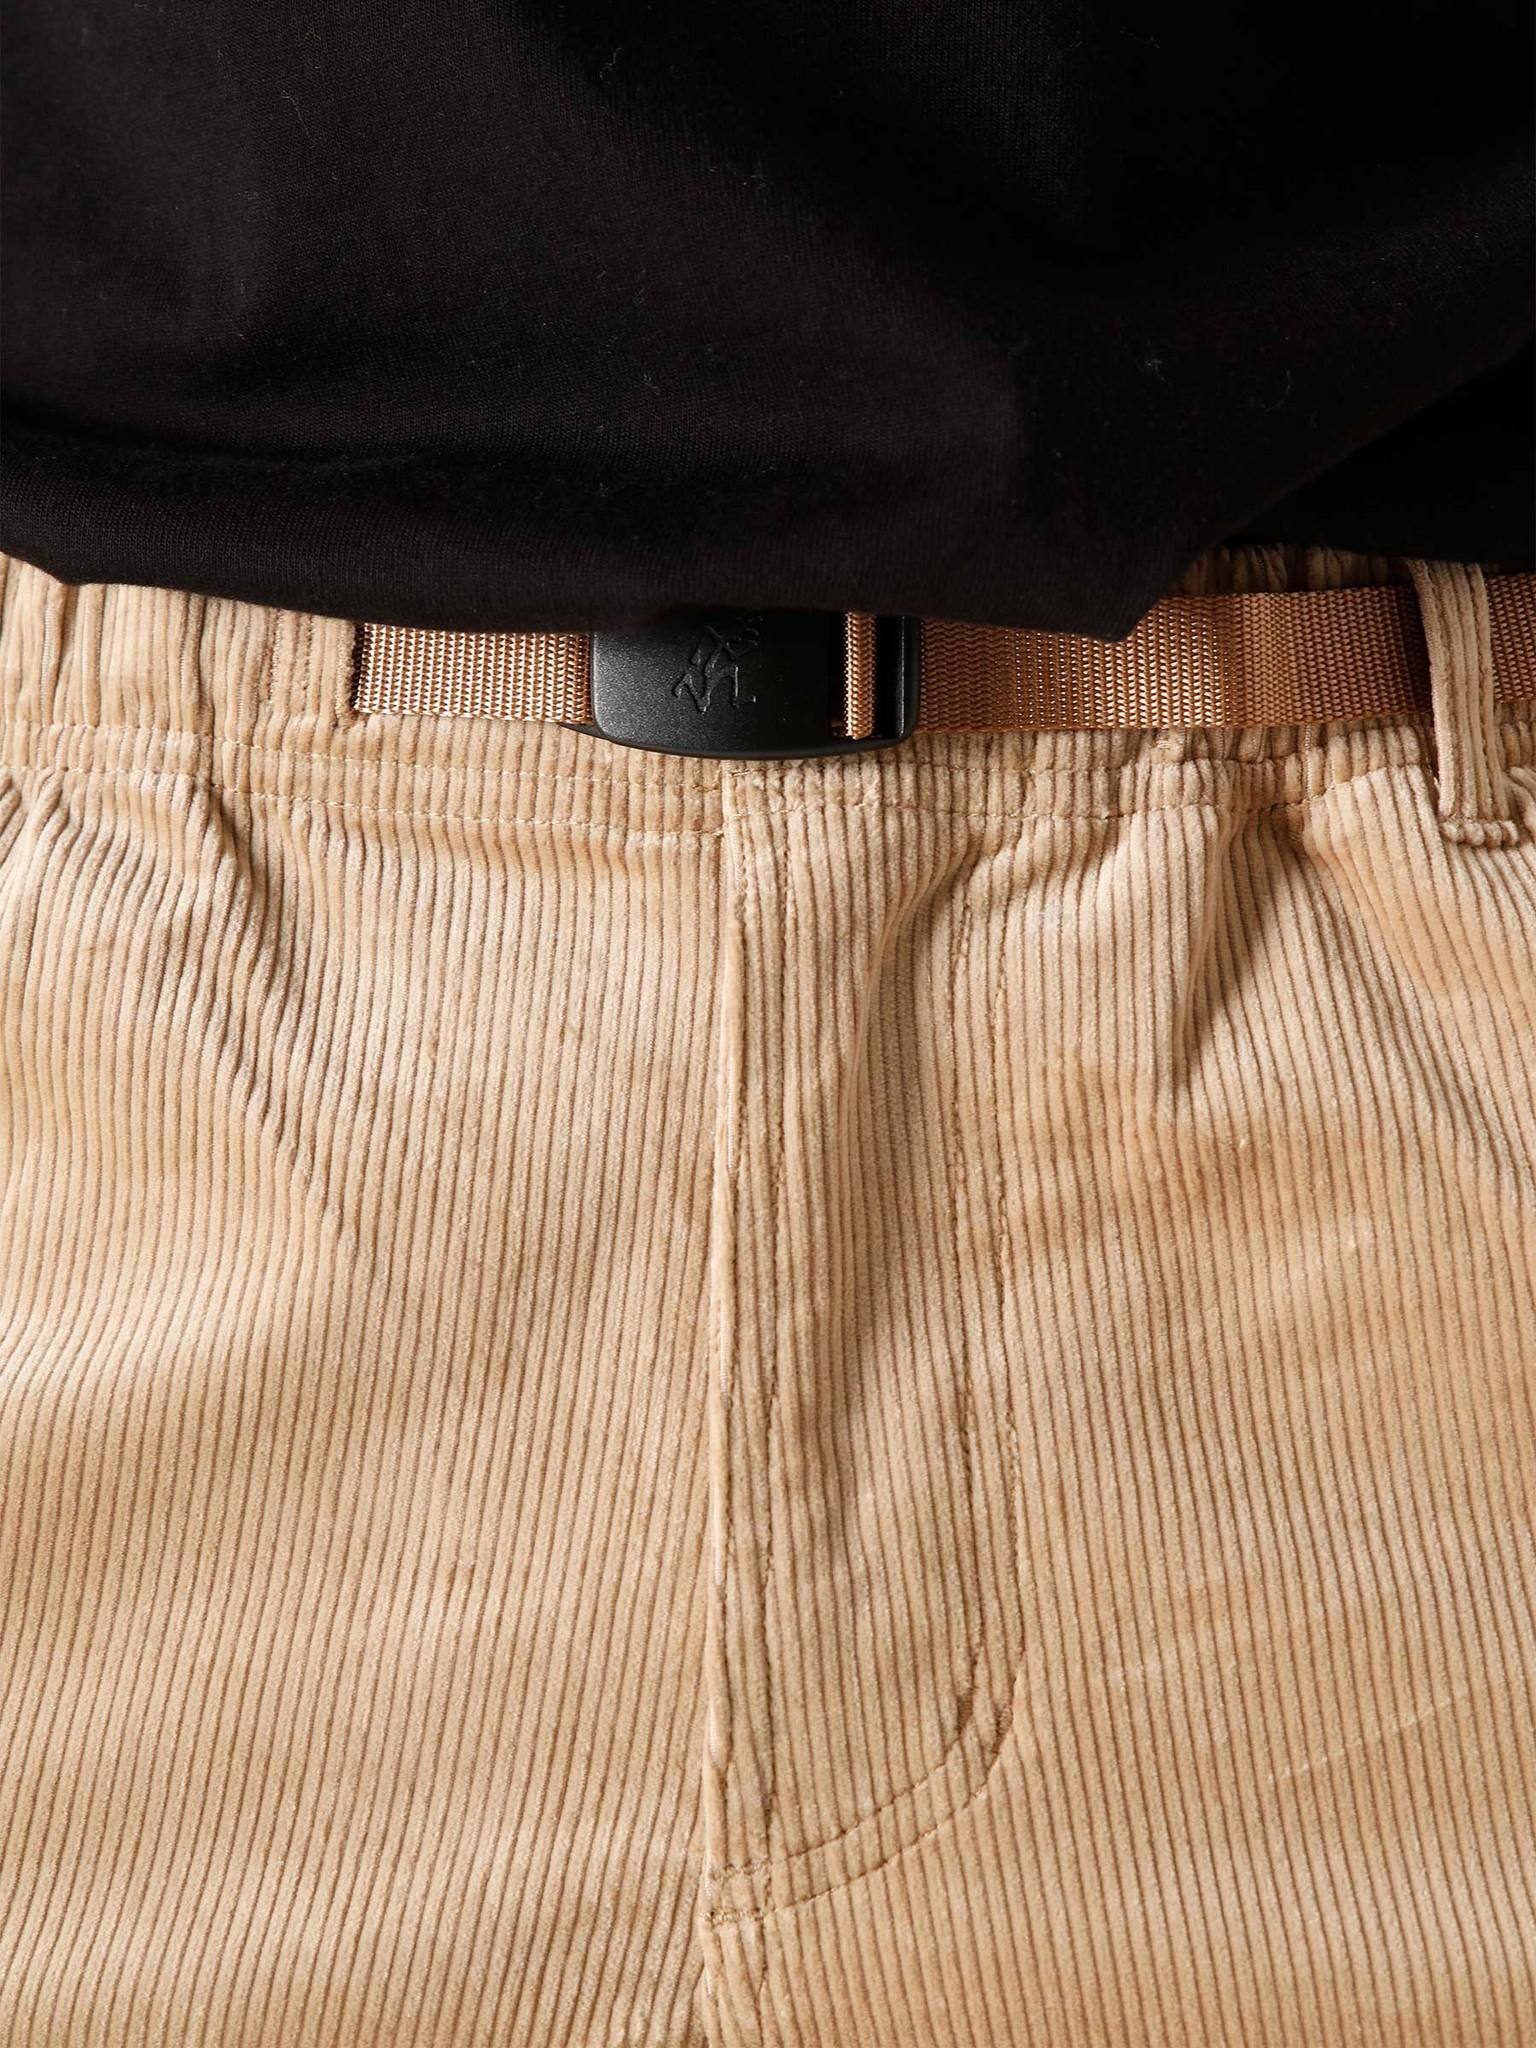 Gramicci Gramicci Corduroy Gramicci Pants Beige GMP-20F018